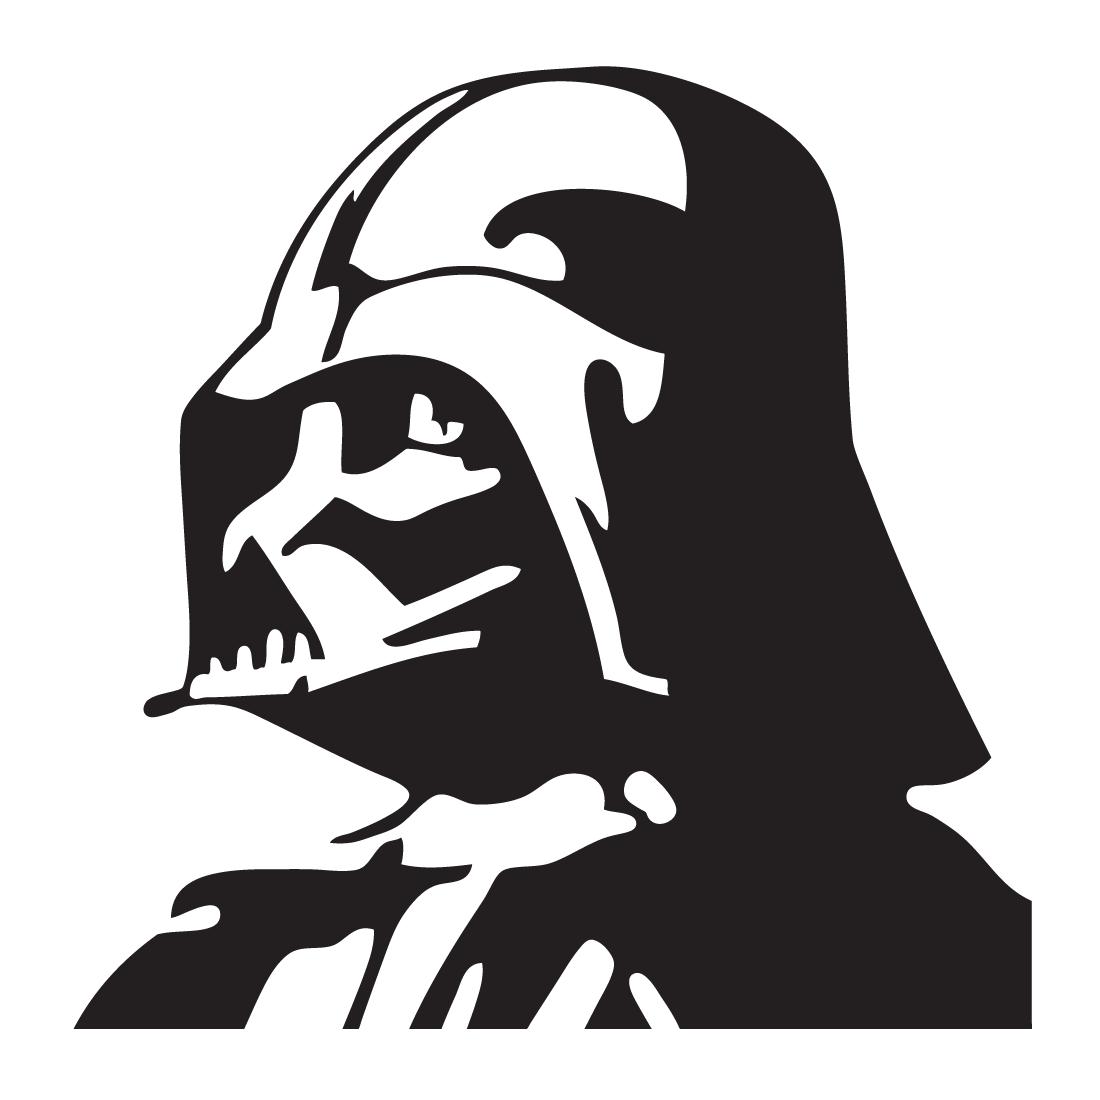 Adhesivo De Vinilo Darth Vader Star Wars Plantillas